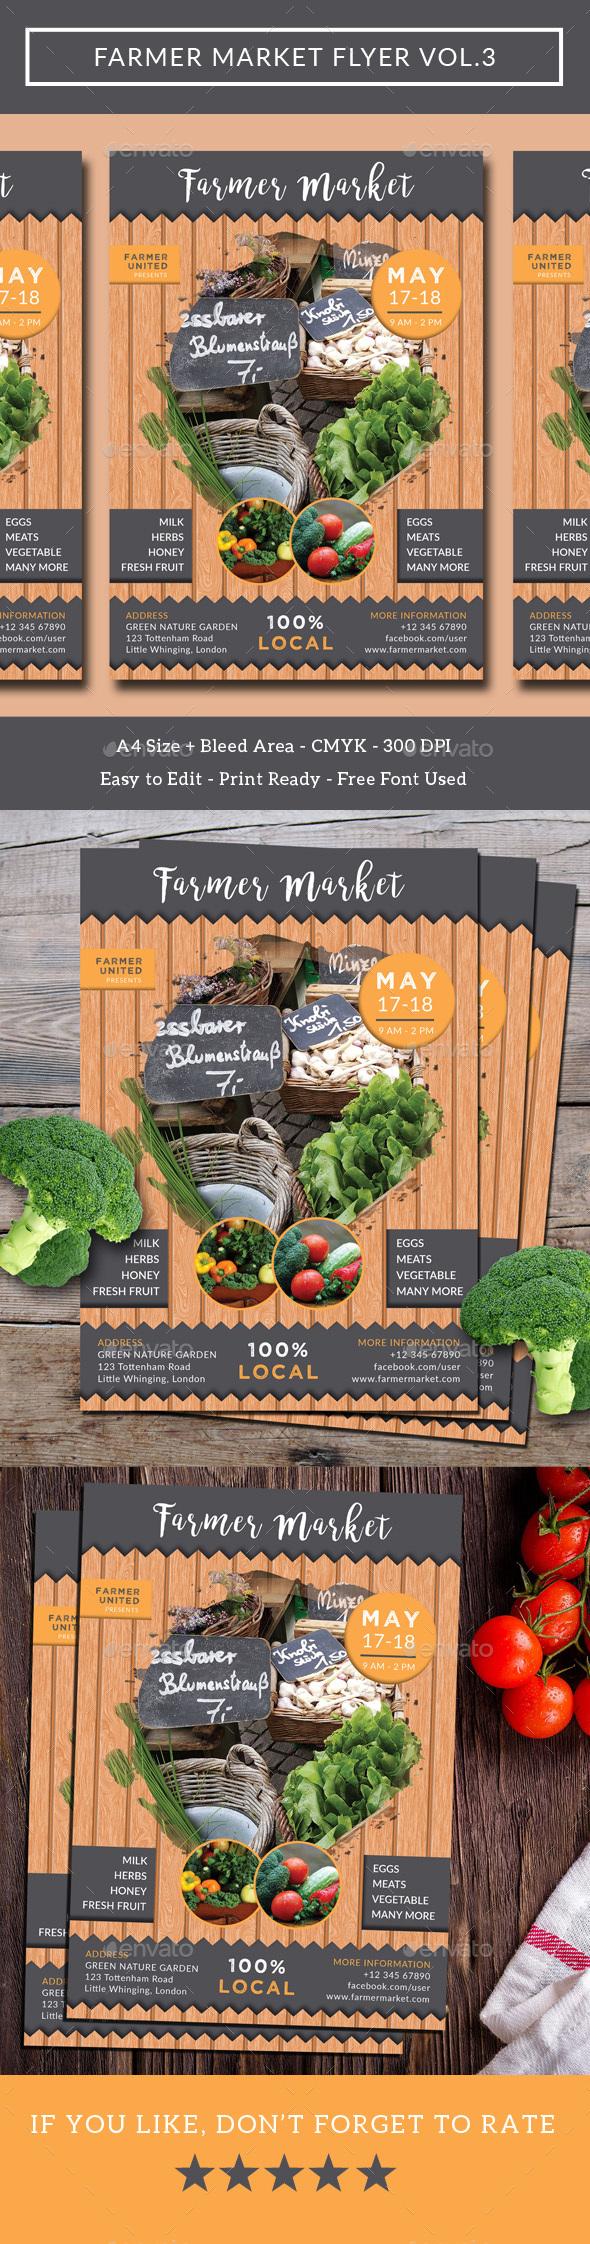 Farmer Market Flyer Vol.3 - Commerce Flyers